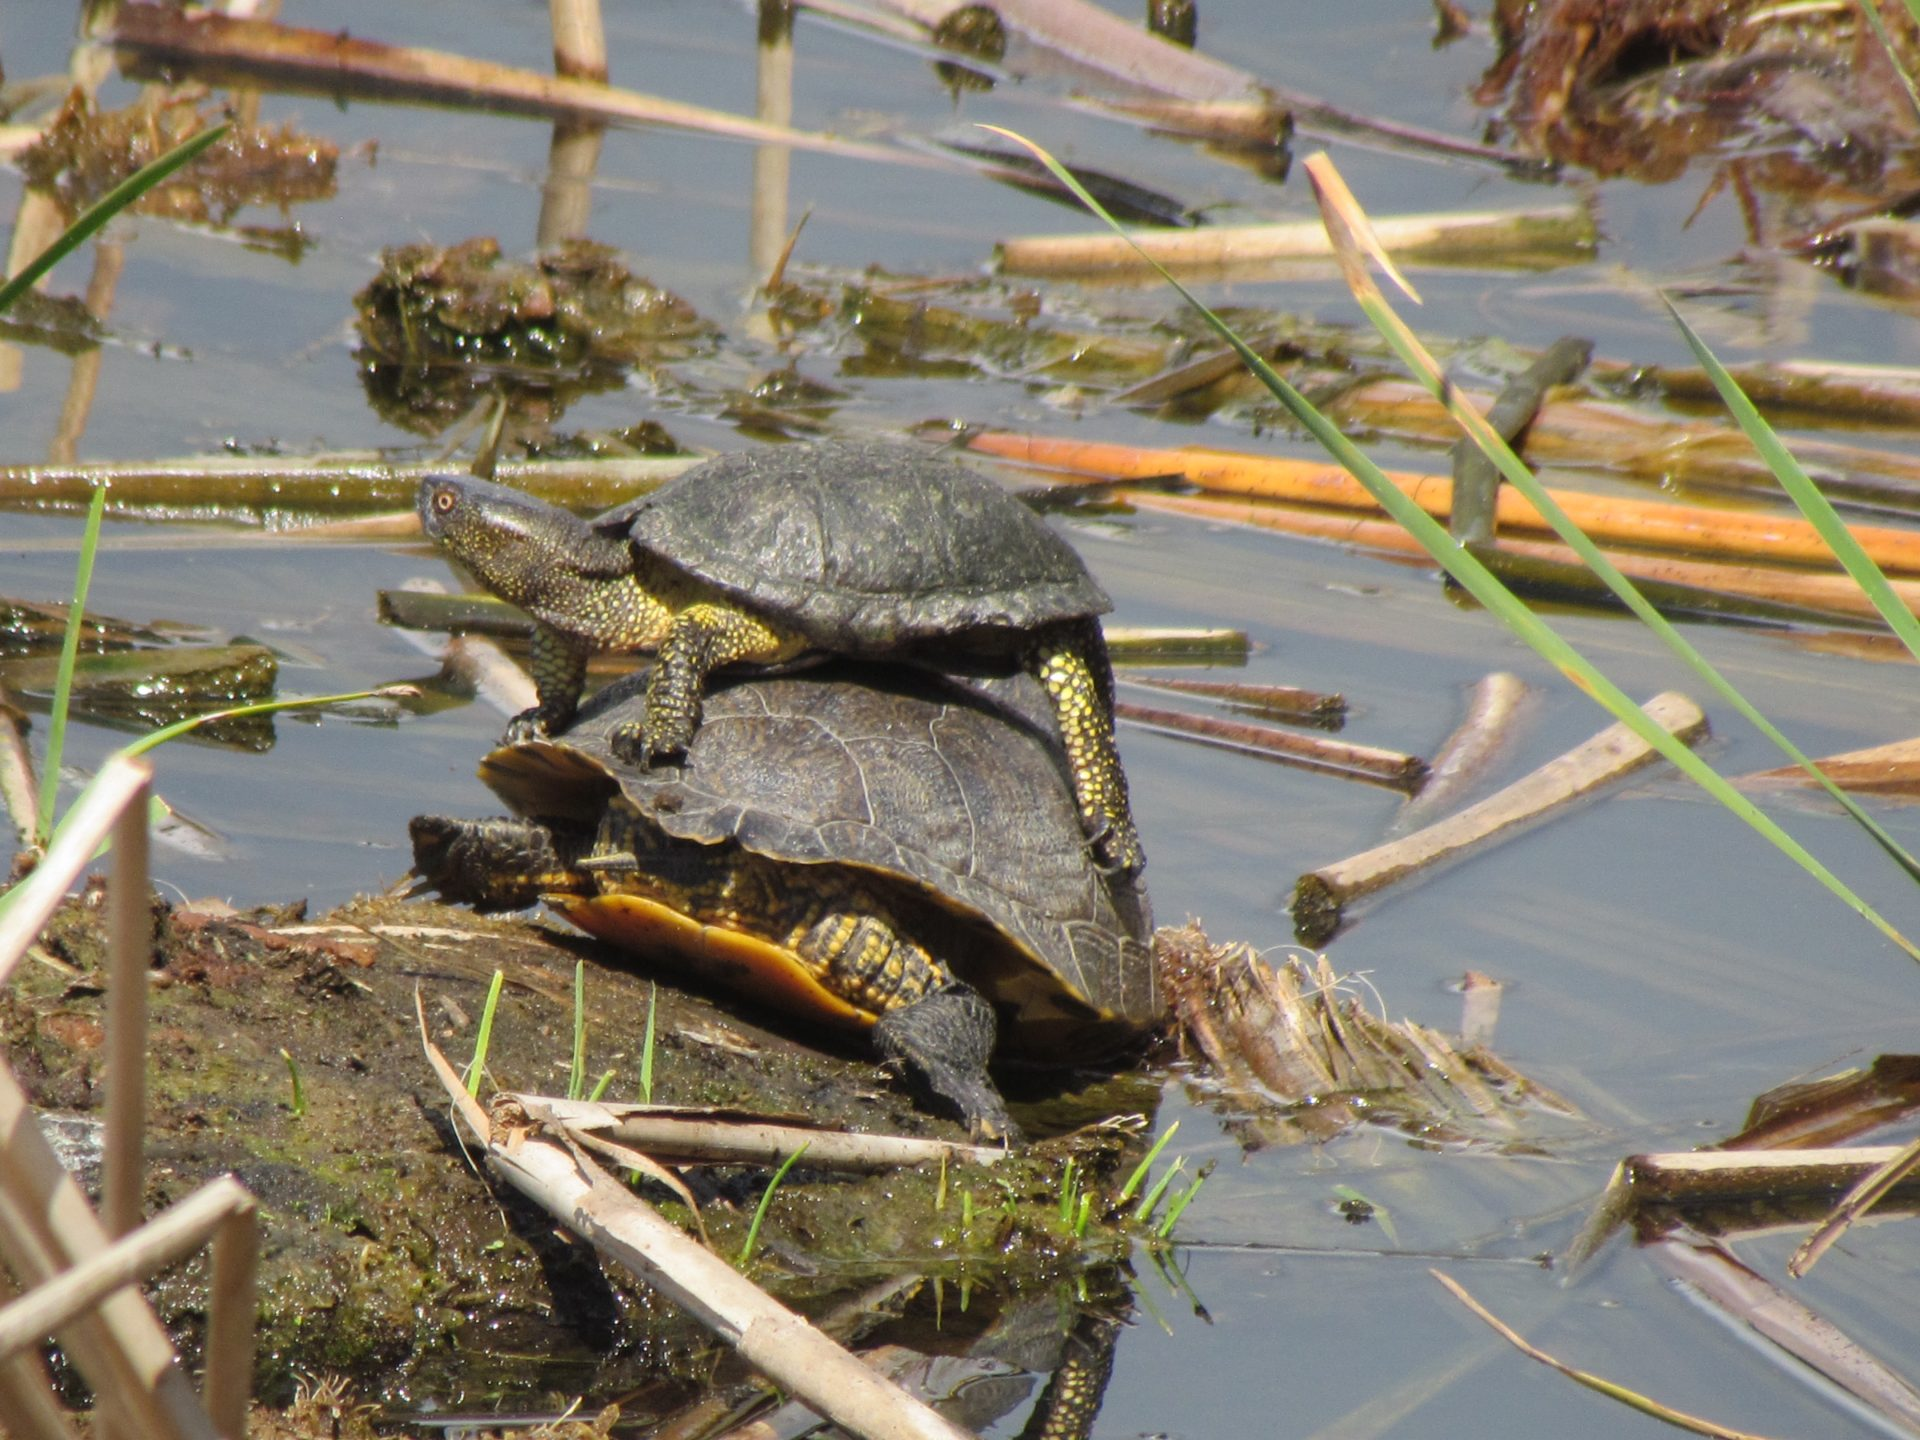 European Pond Turtle sunbathing